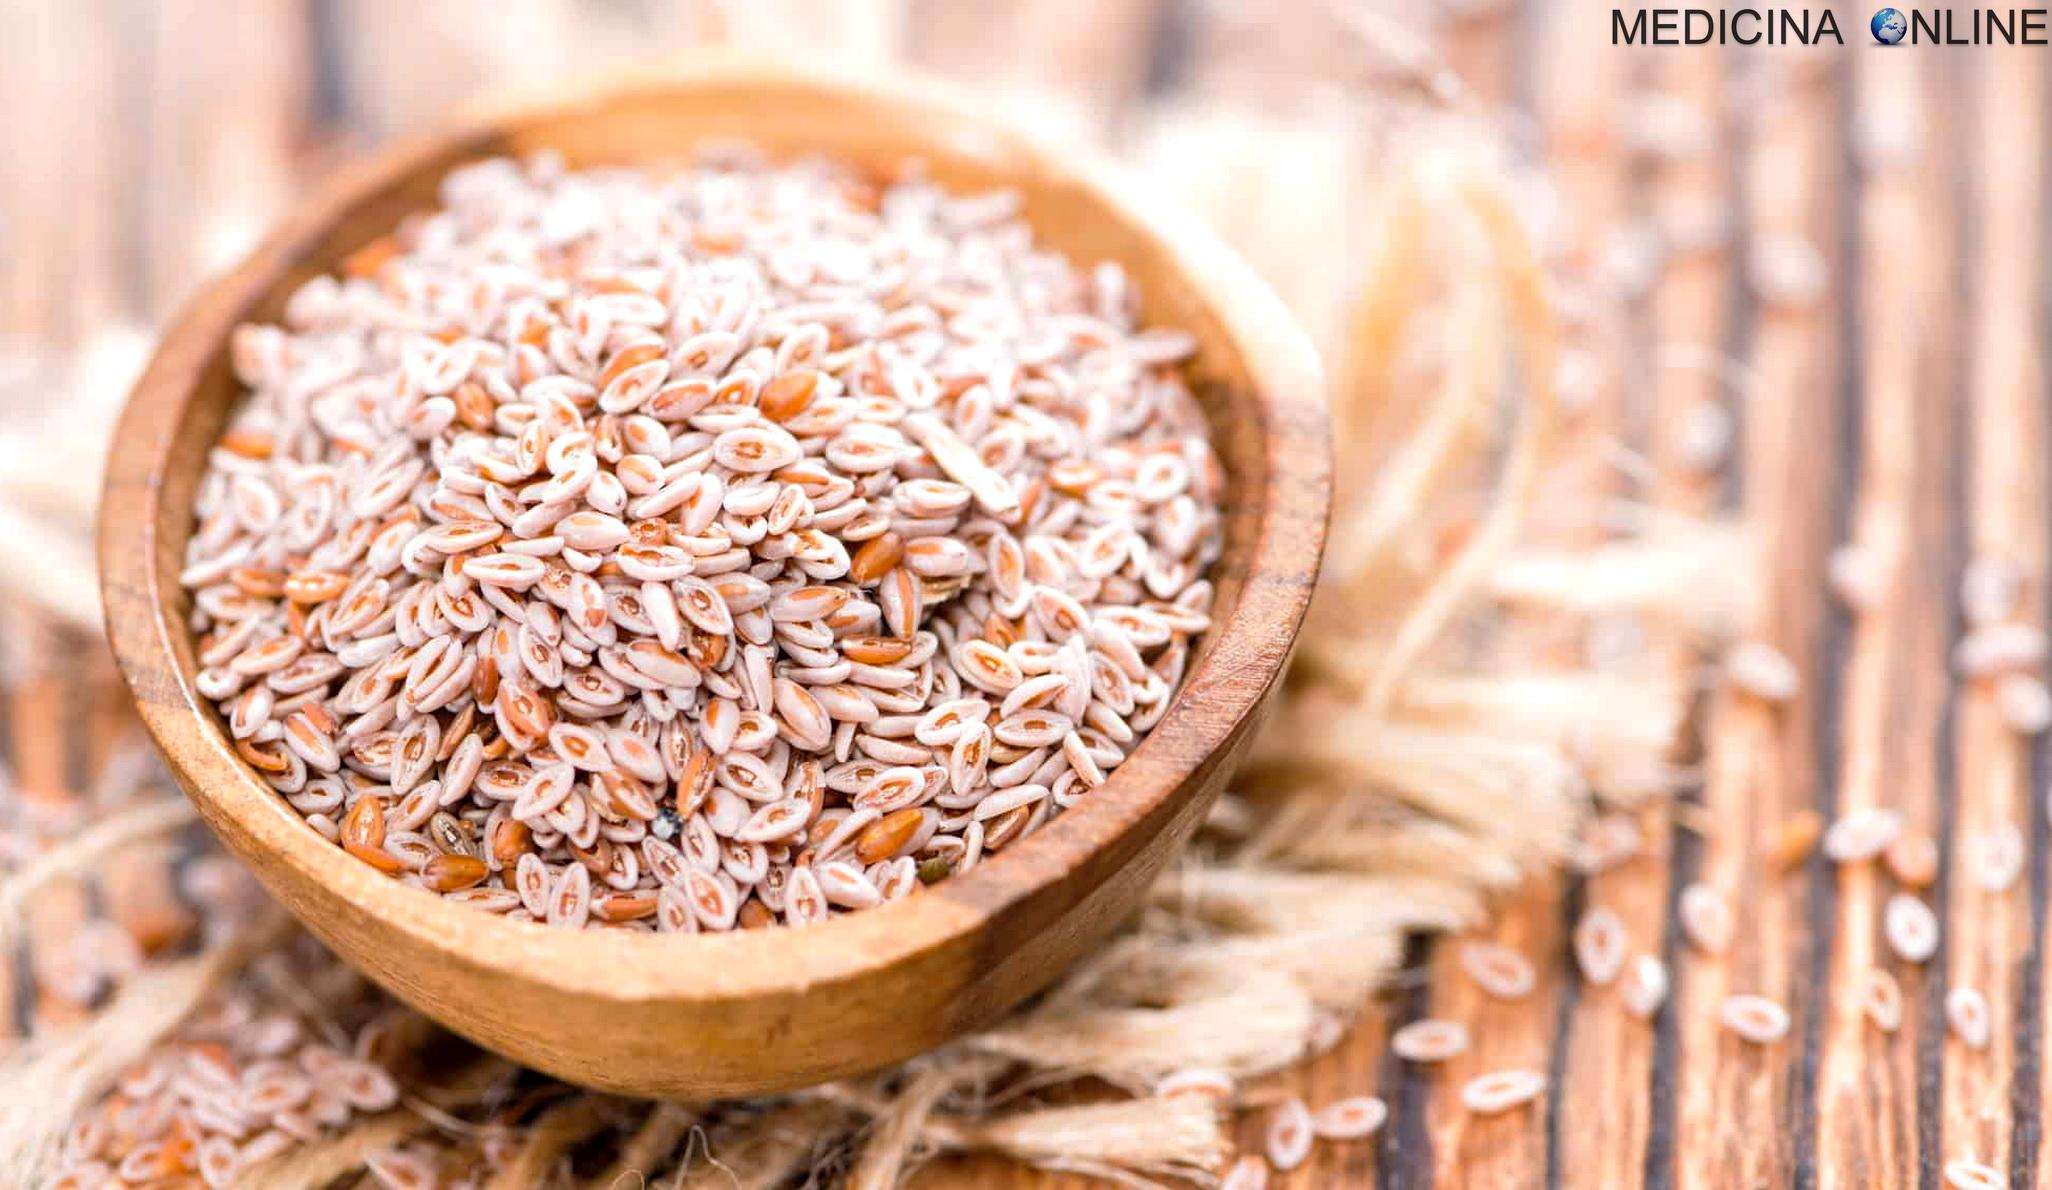 ricette dietetiche liquide ad alta percentuale di fibres